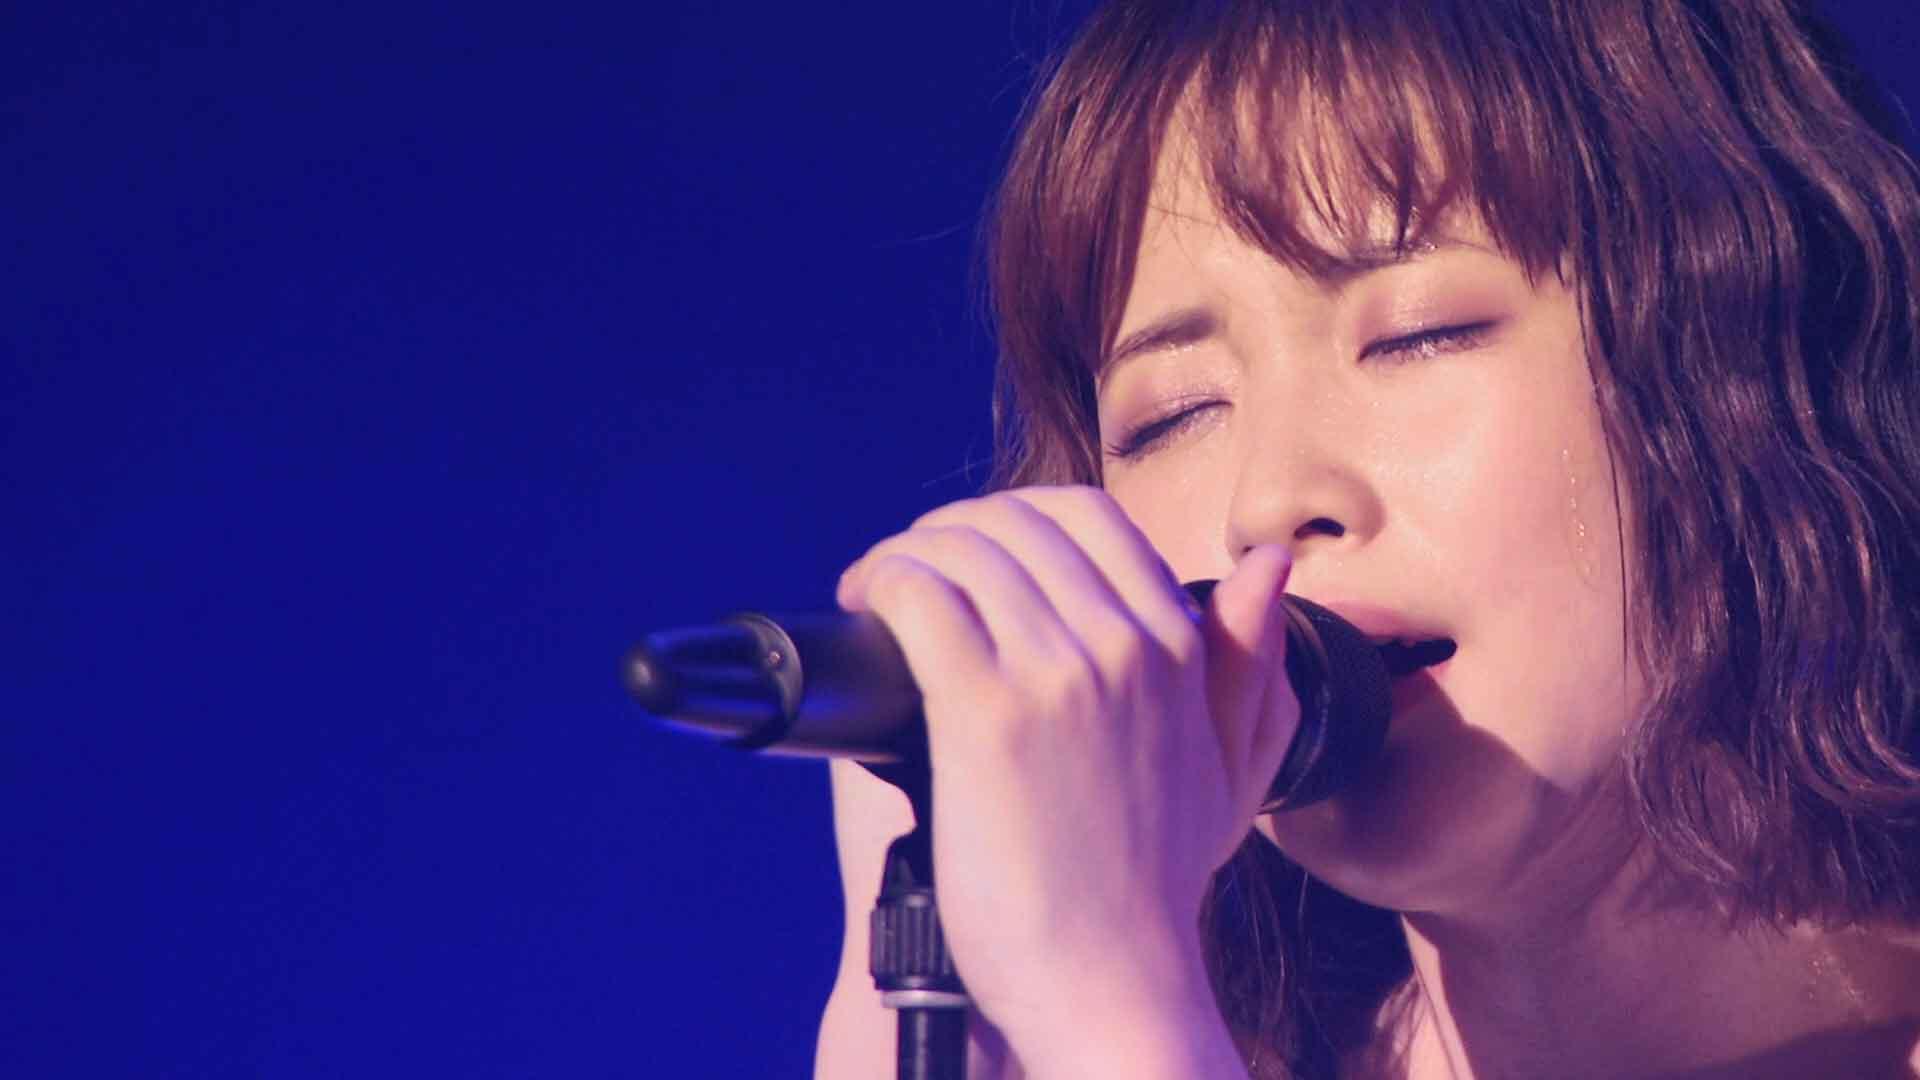 大原樱子演唱会ohara Sakurako 4th Tour 2017 Autumn Accecherry Box